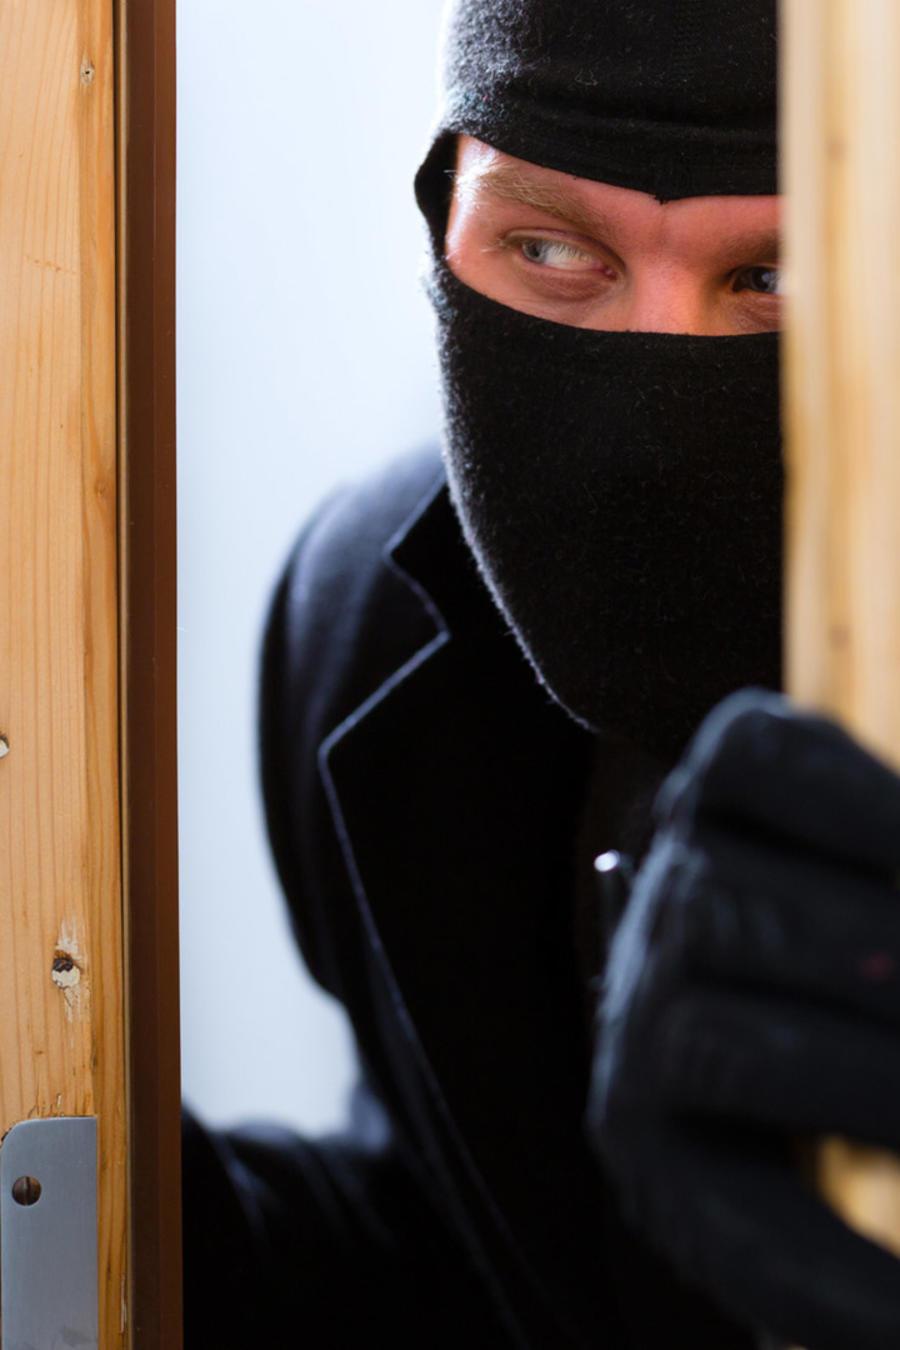 Ladrón entrando a una casa